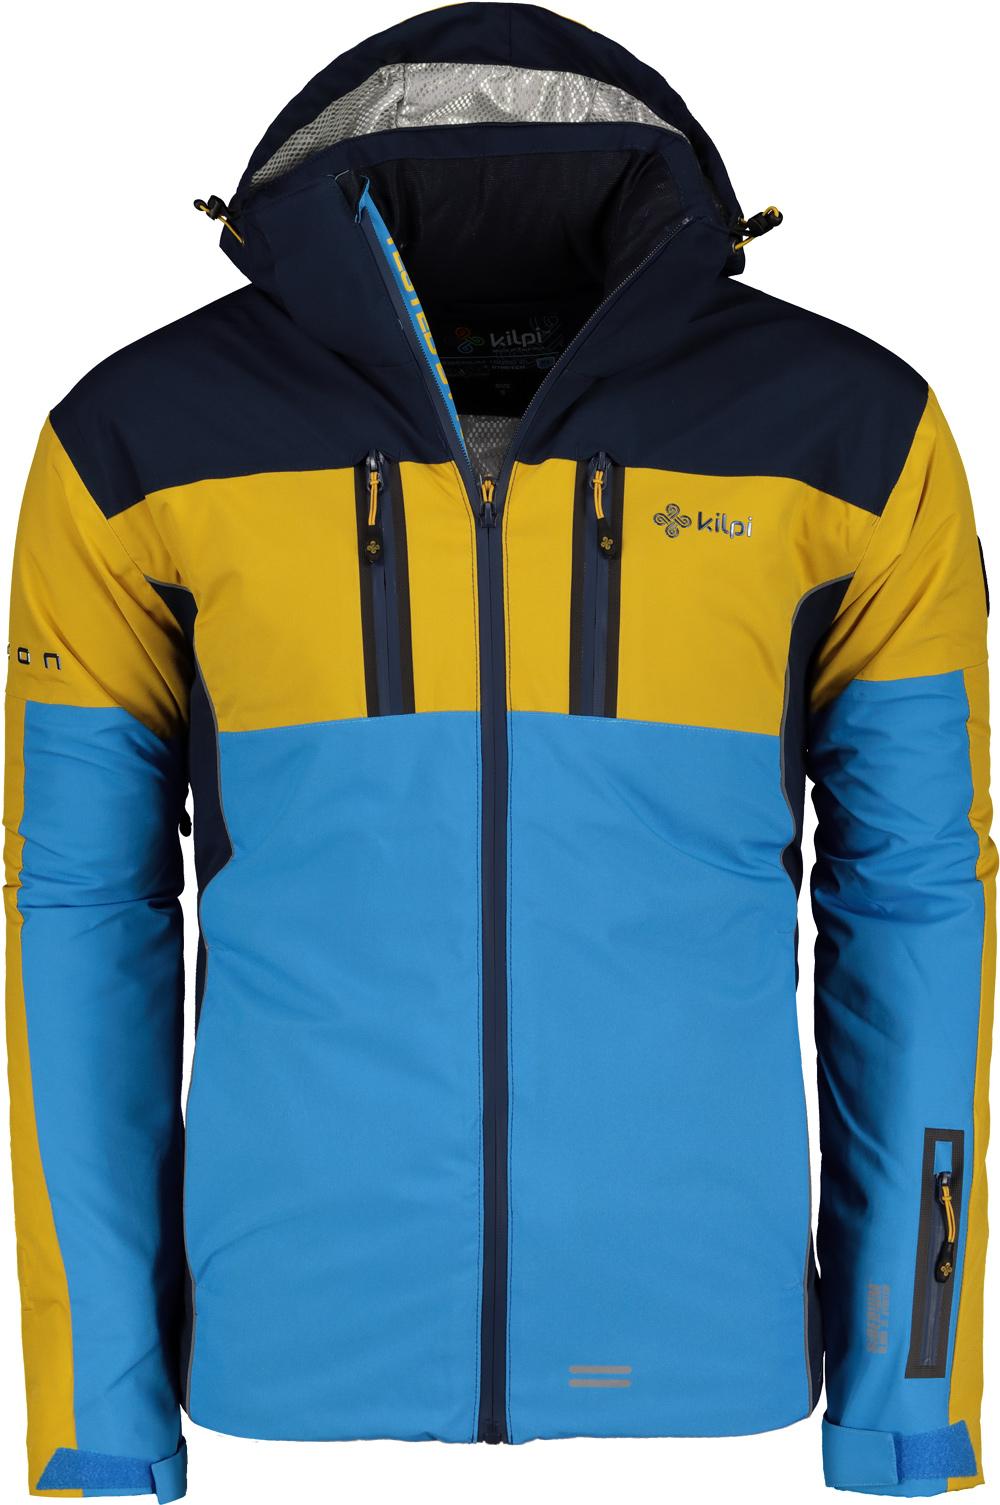 Bunda lyžařská pánská Kilpi FALCON-M